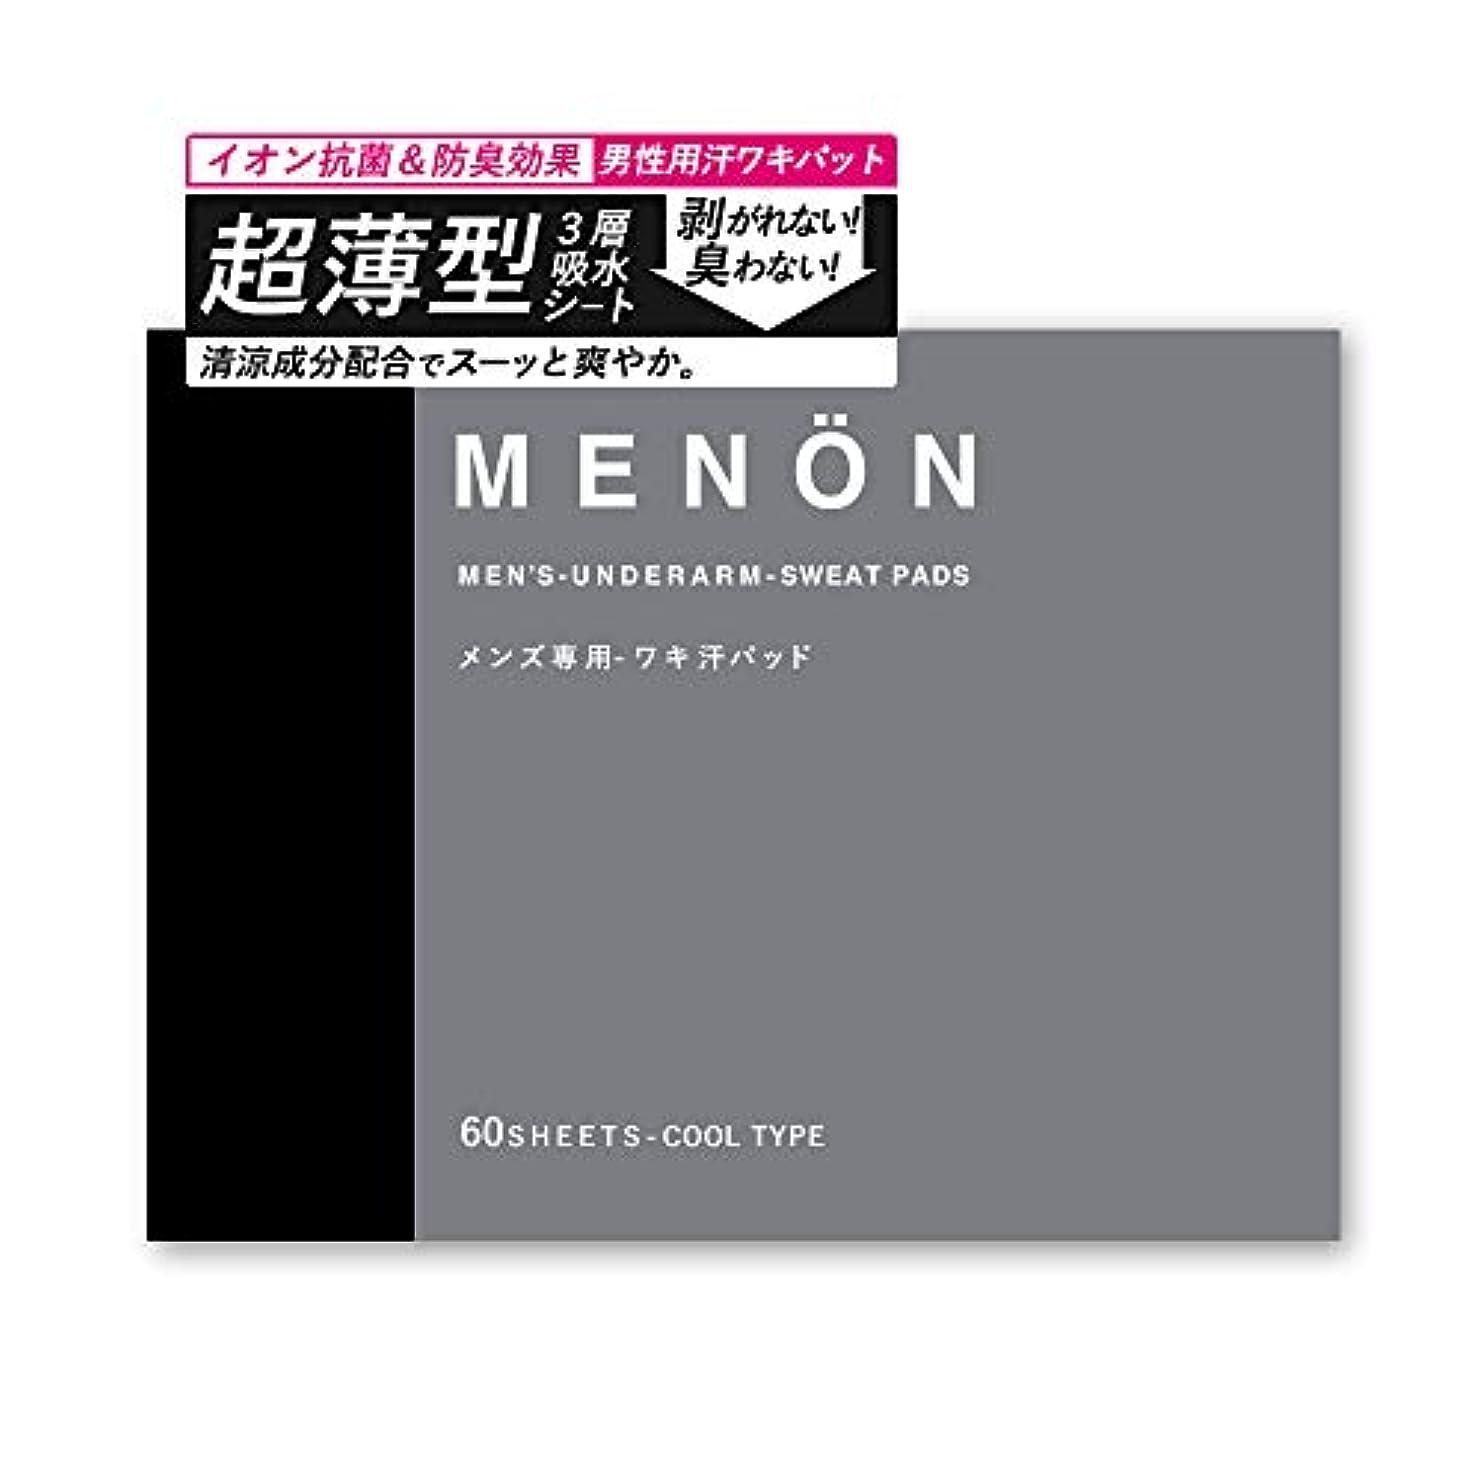 巧みな島メロディーMENON 日本製 汗ワキパット メンズ 使い捨て 汗取りパッド 60枚 (30セット) 清涼成分配合 脇汗 男性用 ボディケア 汗ジミ?臭い予防に パッド シール メノン